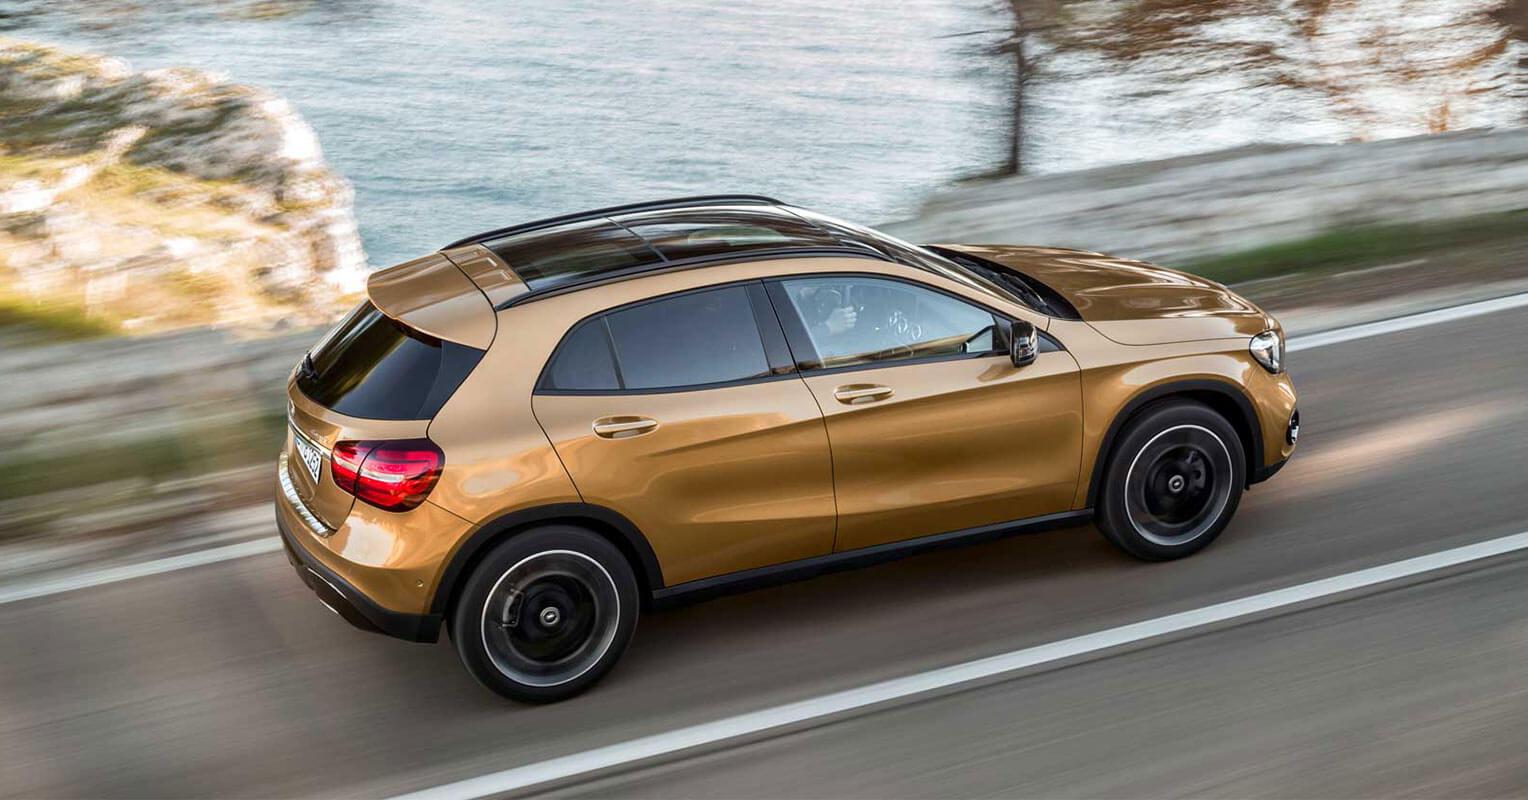 Trasera del Mercedes-Benz GLA 2018